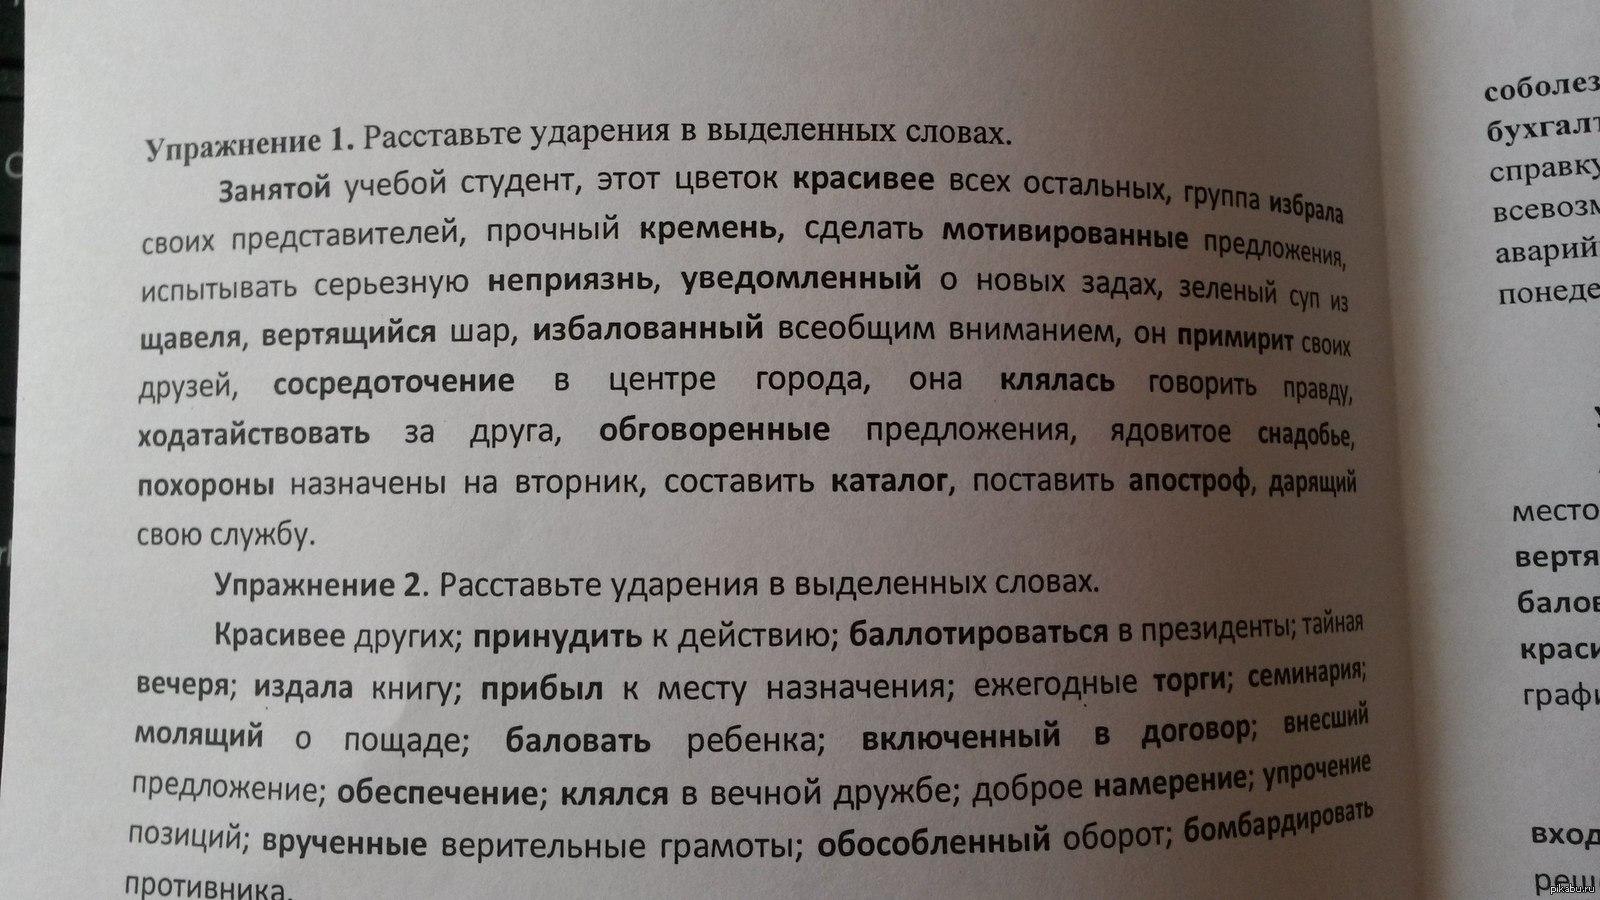 хоум кредит банк якутск адрес